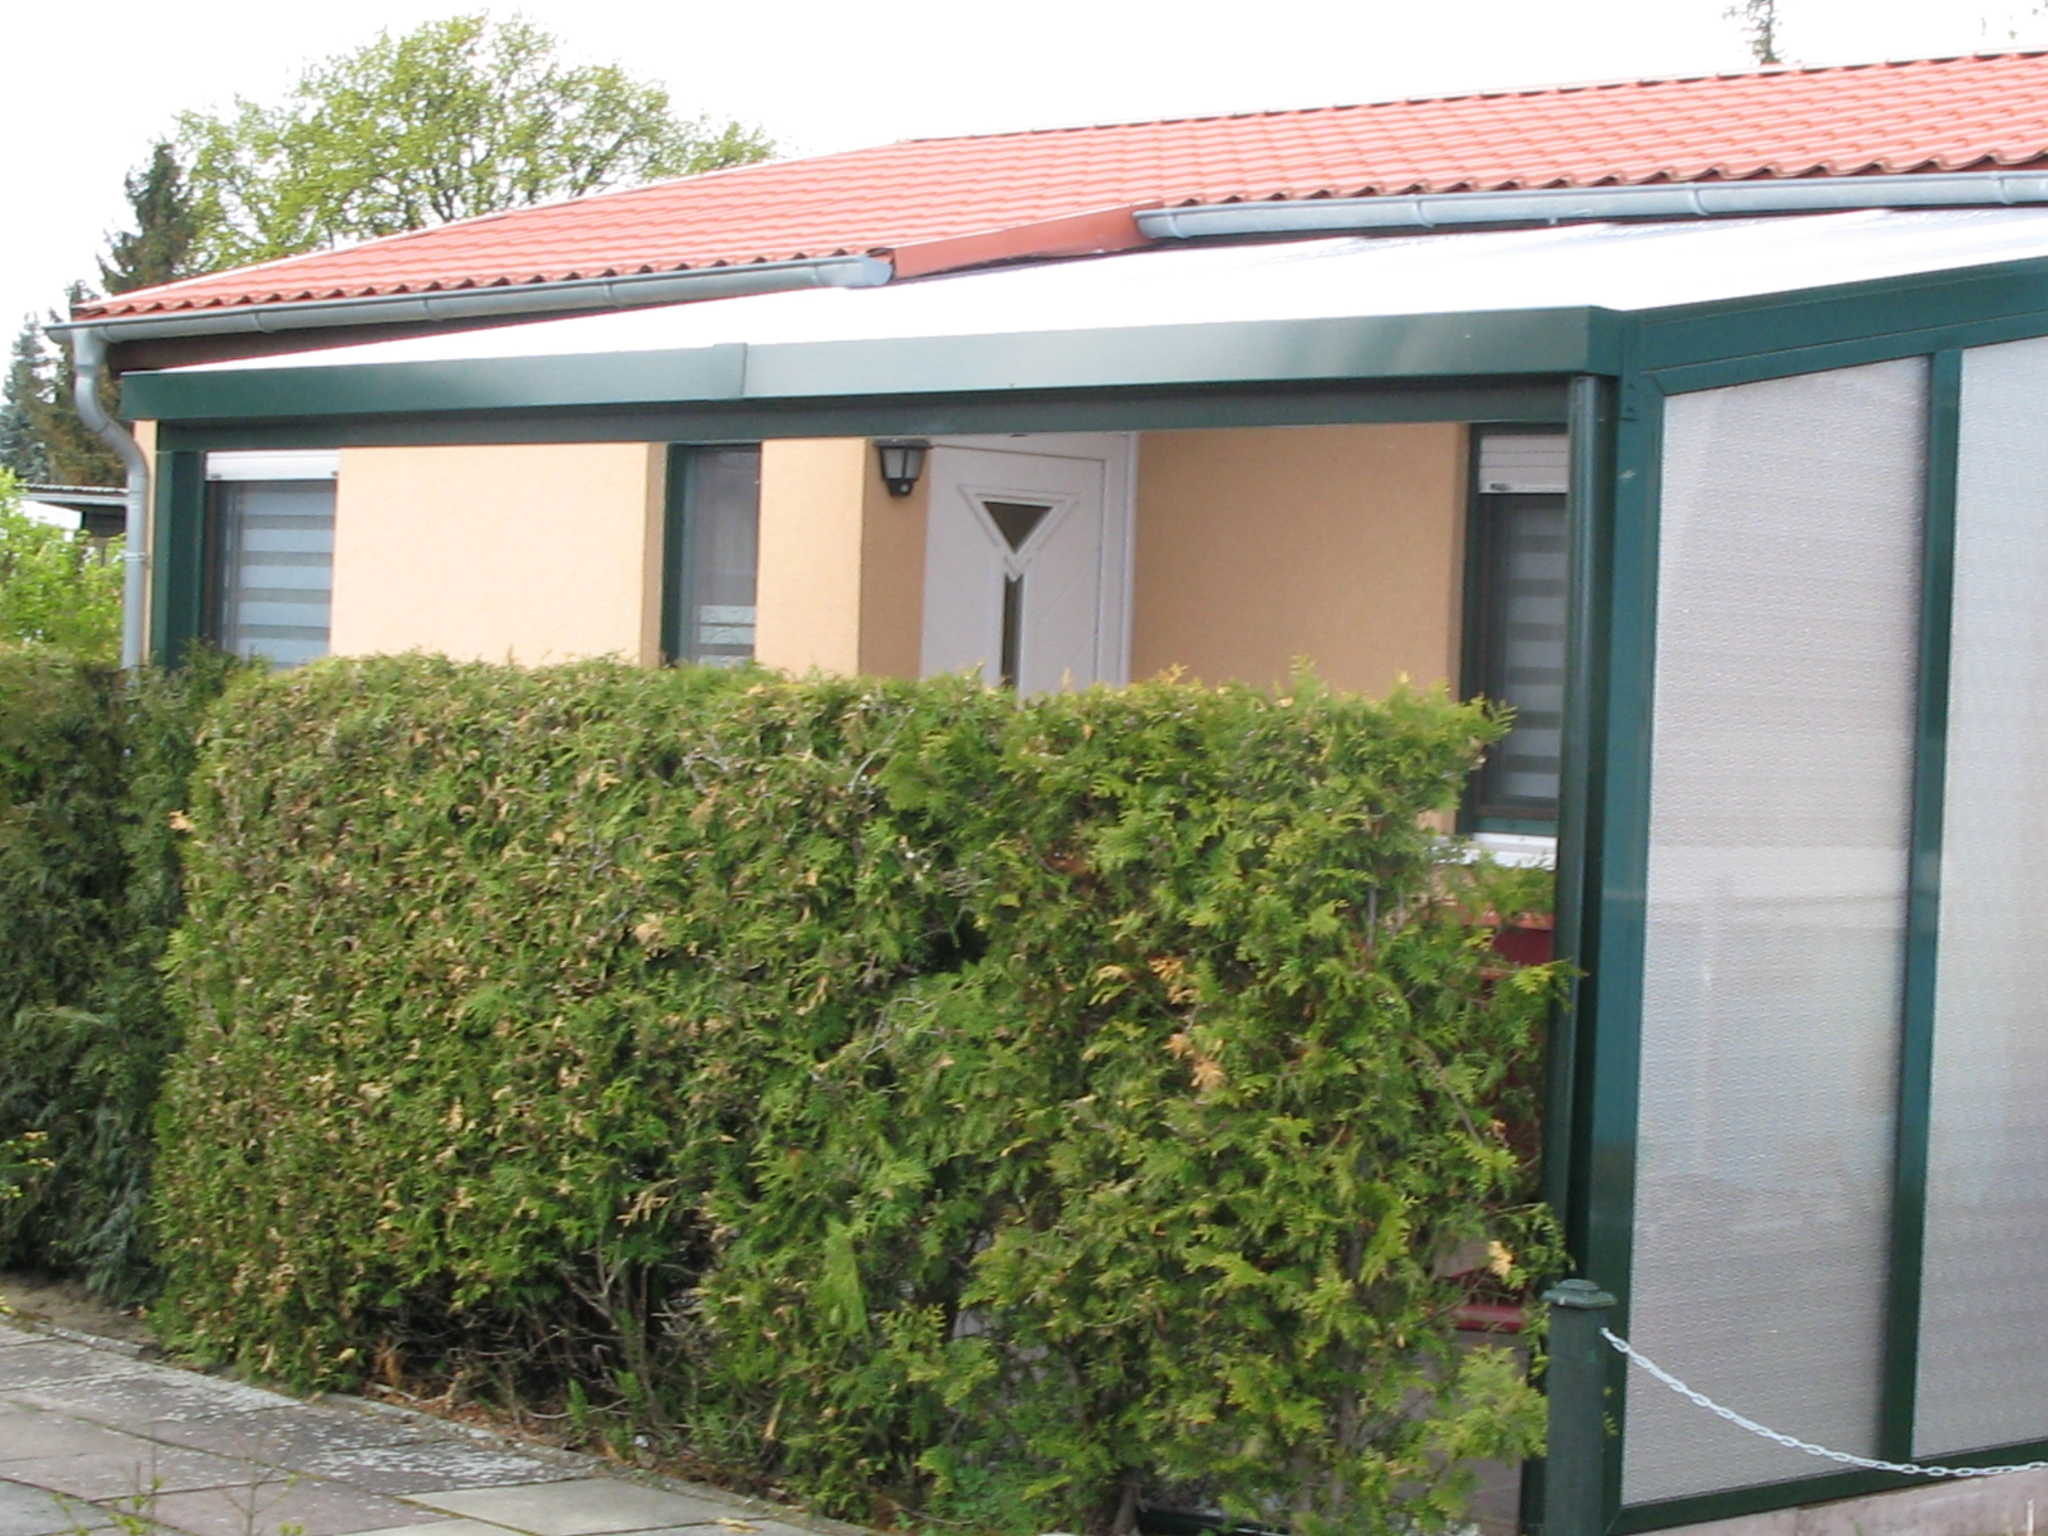 bungalow schuldt in m nkebude mecklenburg vorpommern waldemar schuldt. Black Bedroom Furniture Sets. Home Design Ideas